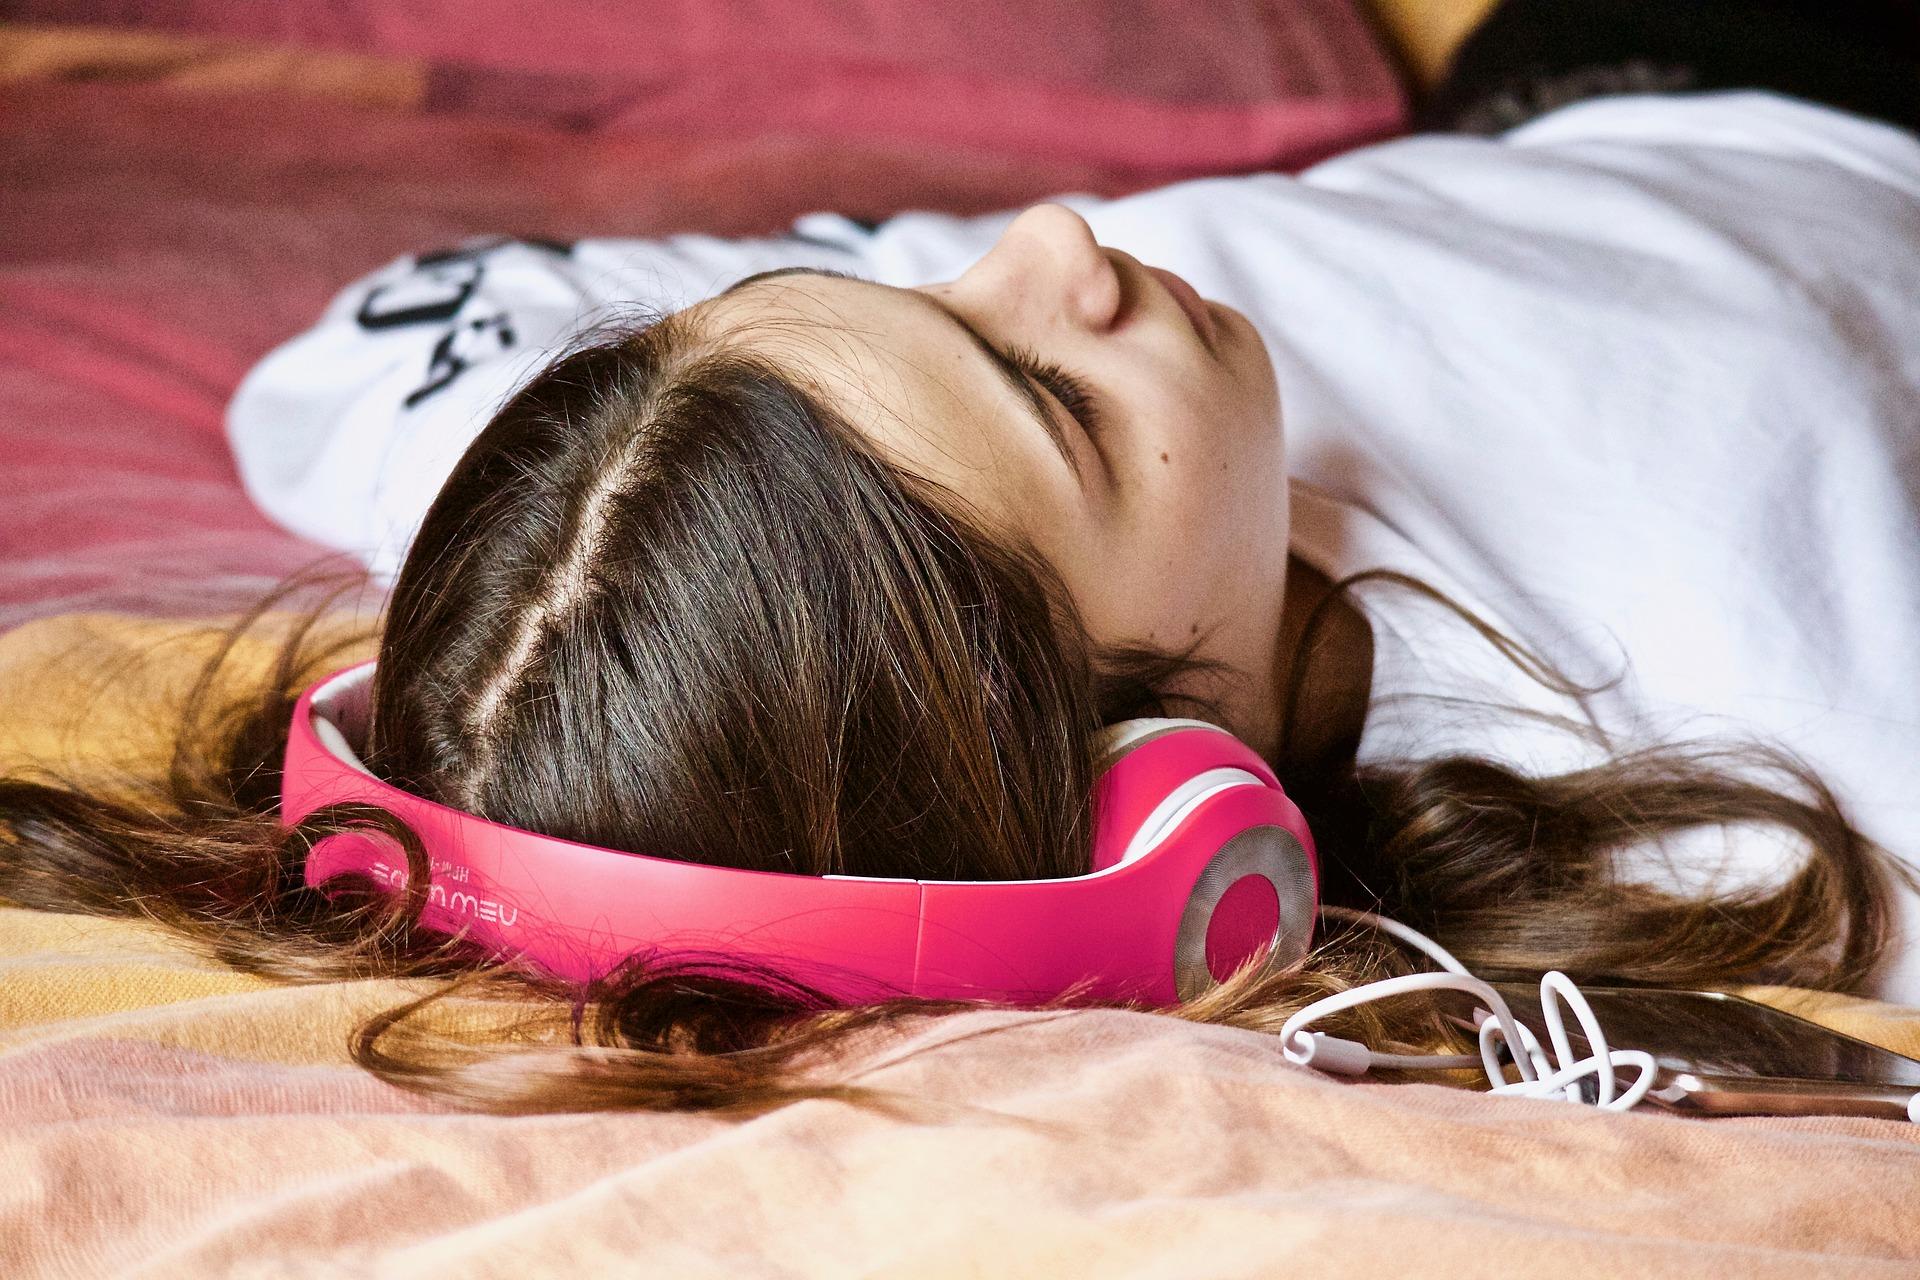 Ύπνος εφηβεία: Πώς να μπει όλη η οικογένεια σε πρόγραμμα;